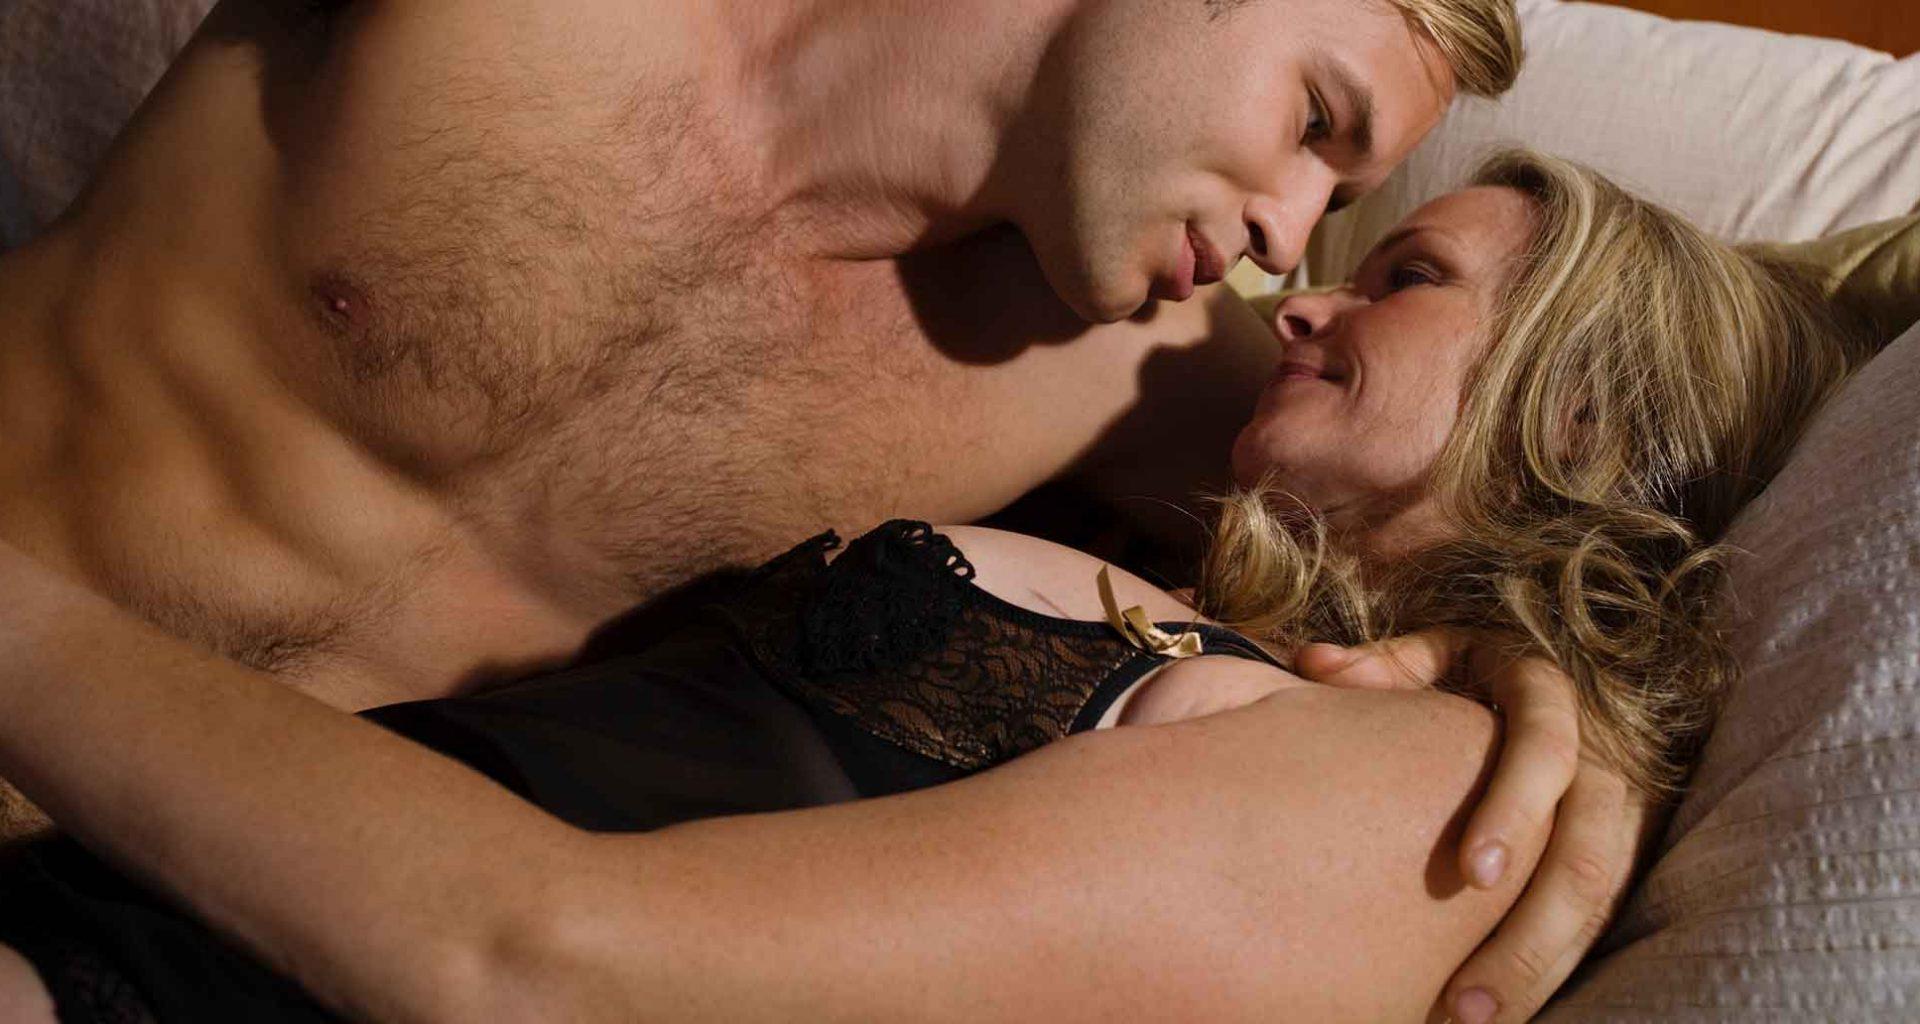 Ältere Frau, jüngerer Mann: Warum sie den besten Sex zusammen haben